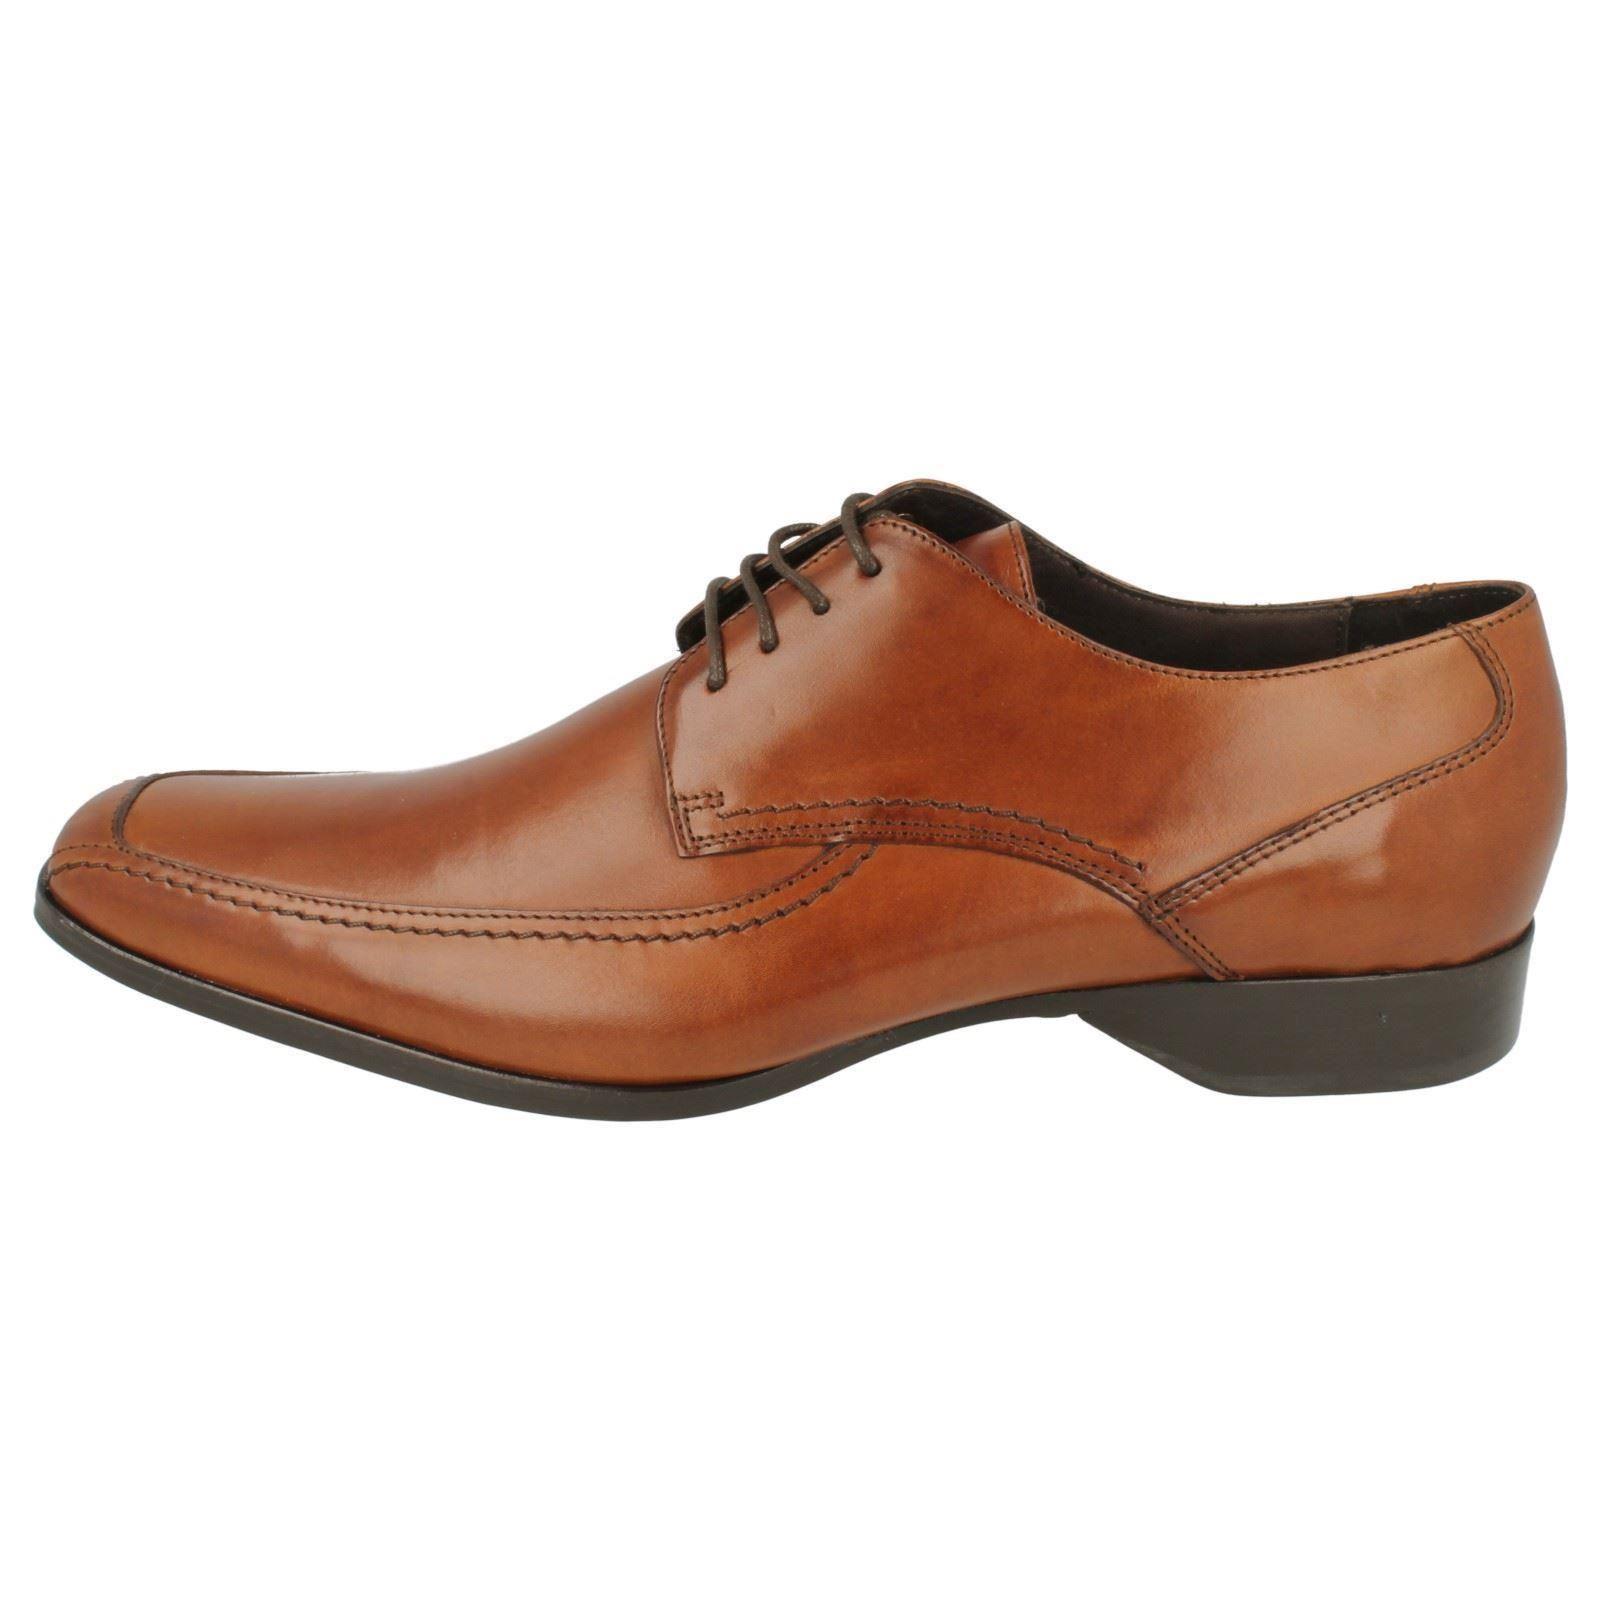 Herren Loake Designer Leder Schuhes Lace Up Schuhes Leder 1369T 468b03